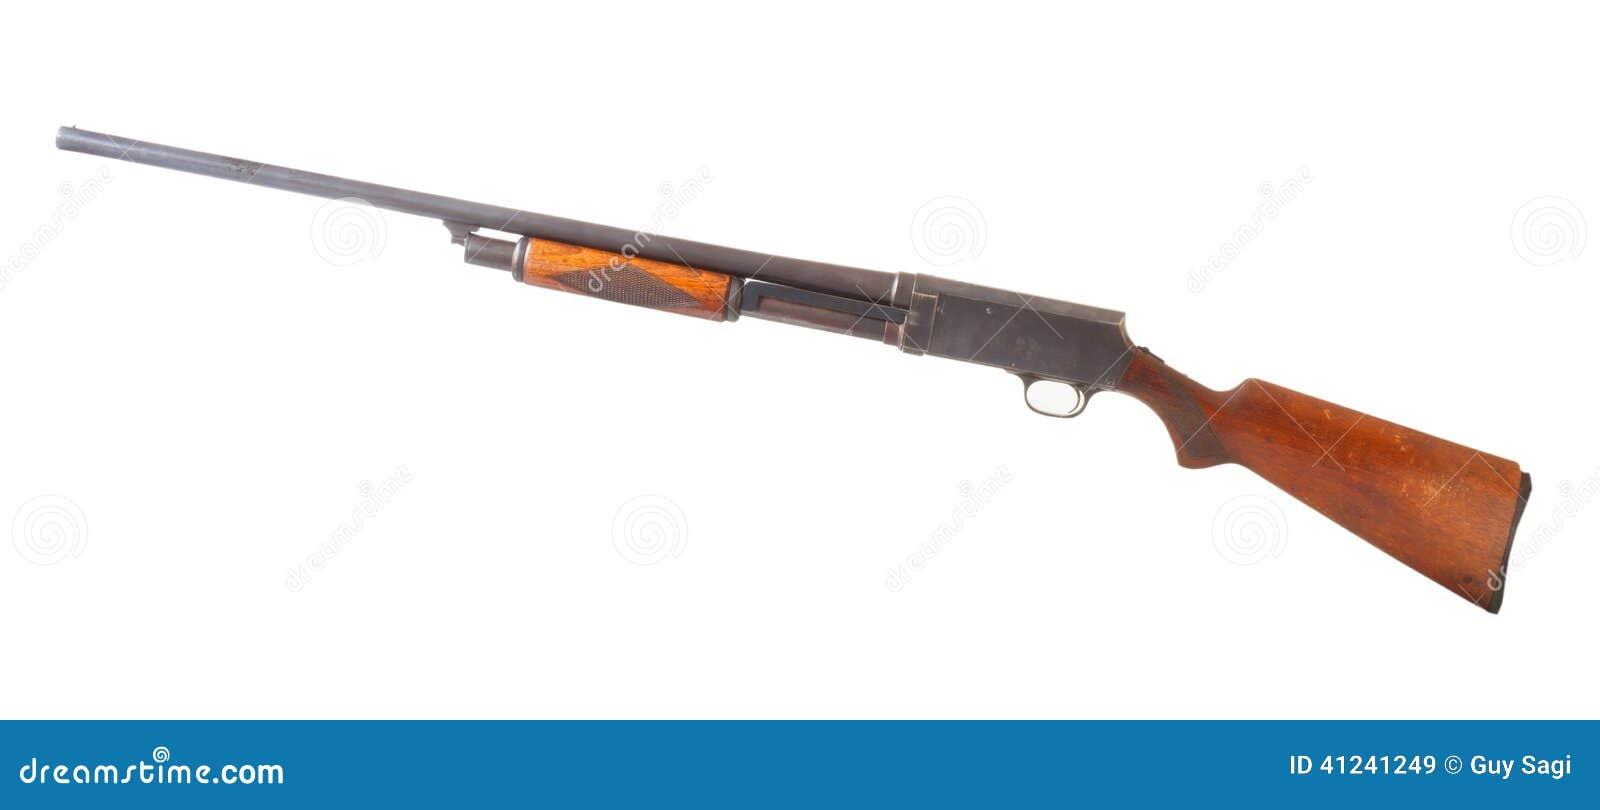 Comment dmonter les fusils de chasse article